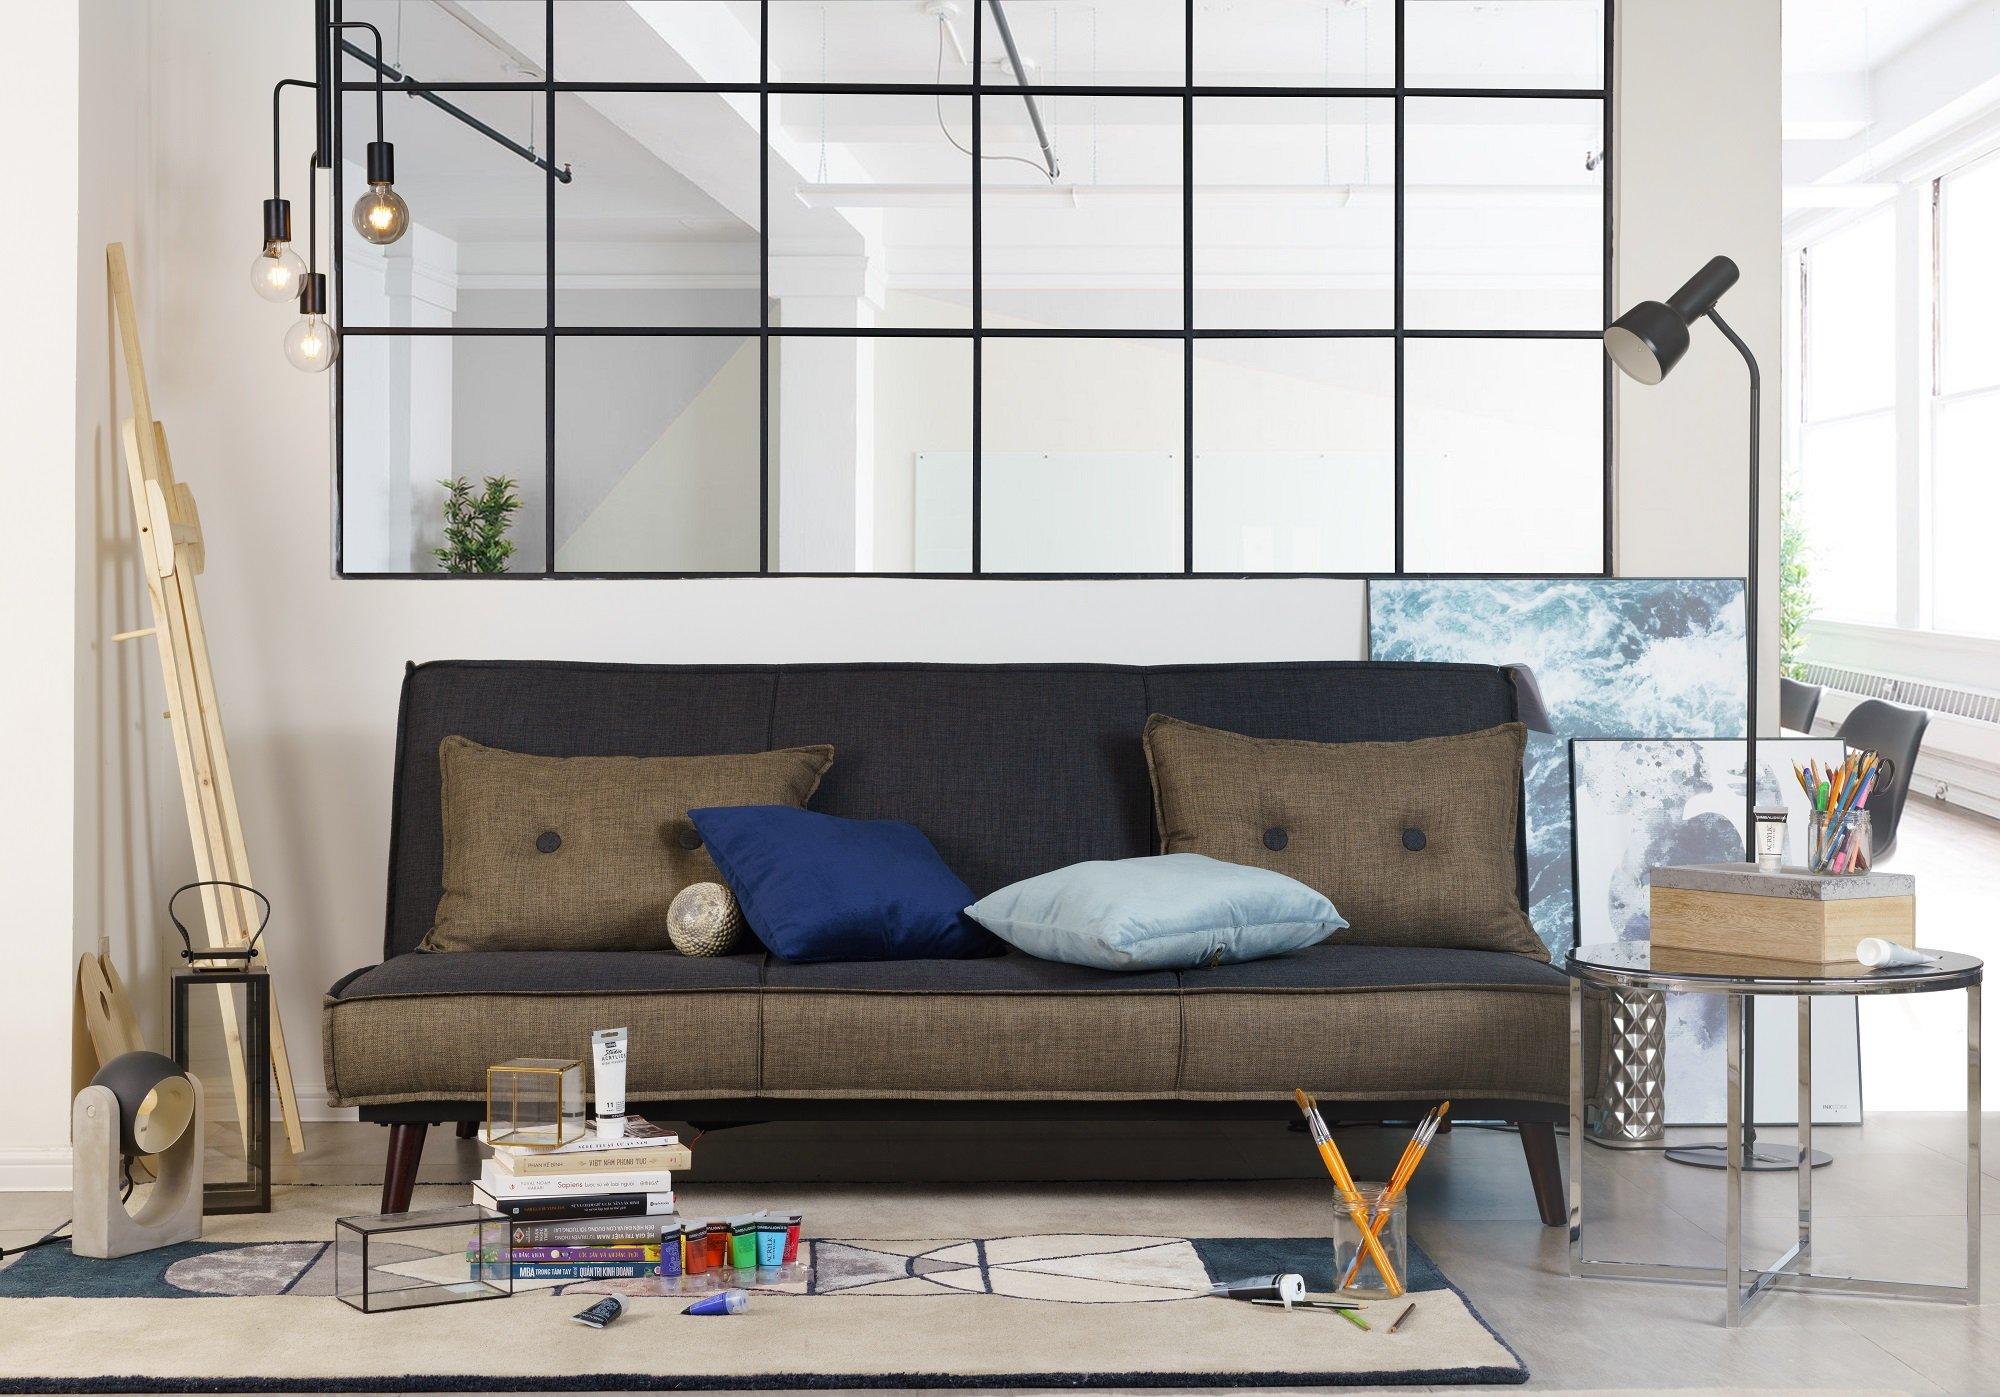 sofa 3 cho min - Top 10 Ghế Sofa 3 Chỗ Đáng Mua Nhất Hiện Nay Phù Hợp Với Mọi Gia Đình